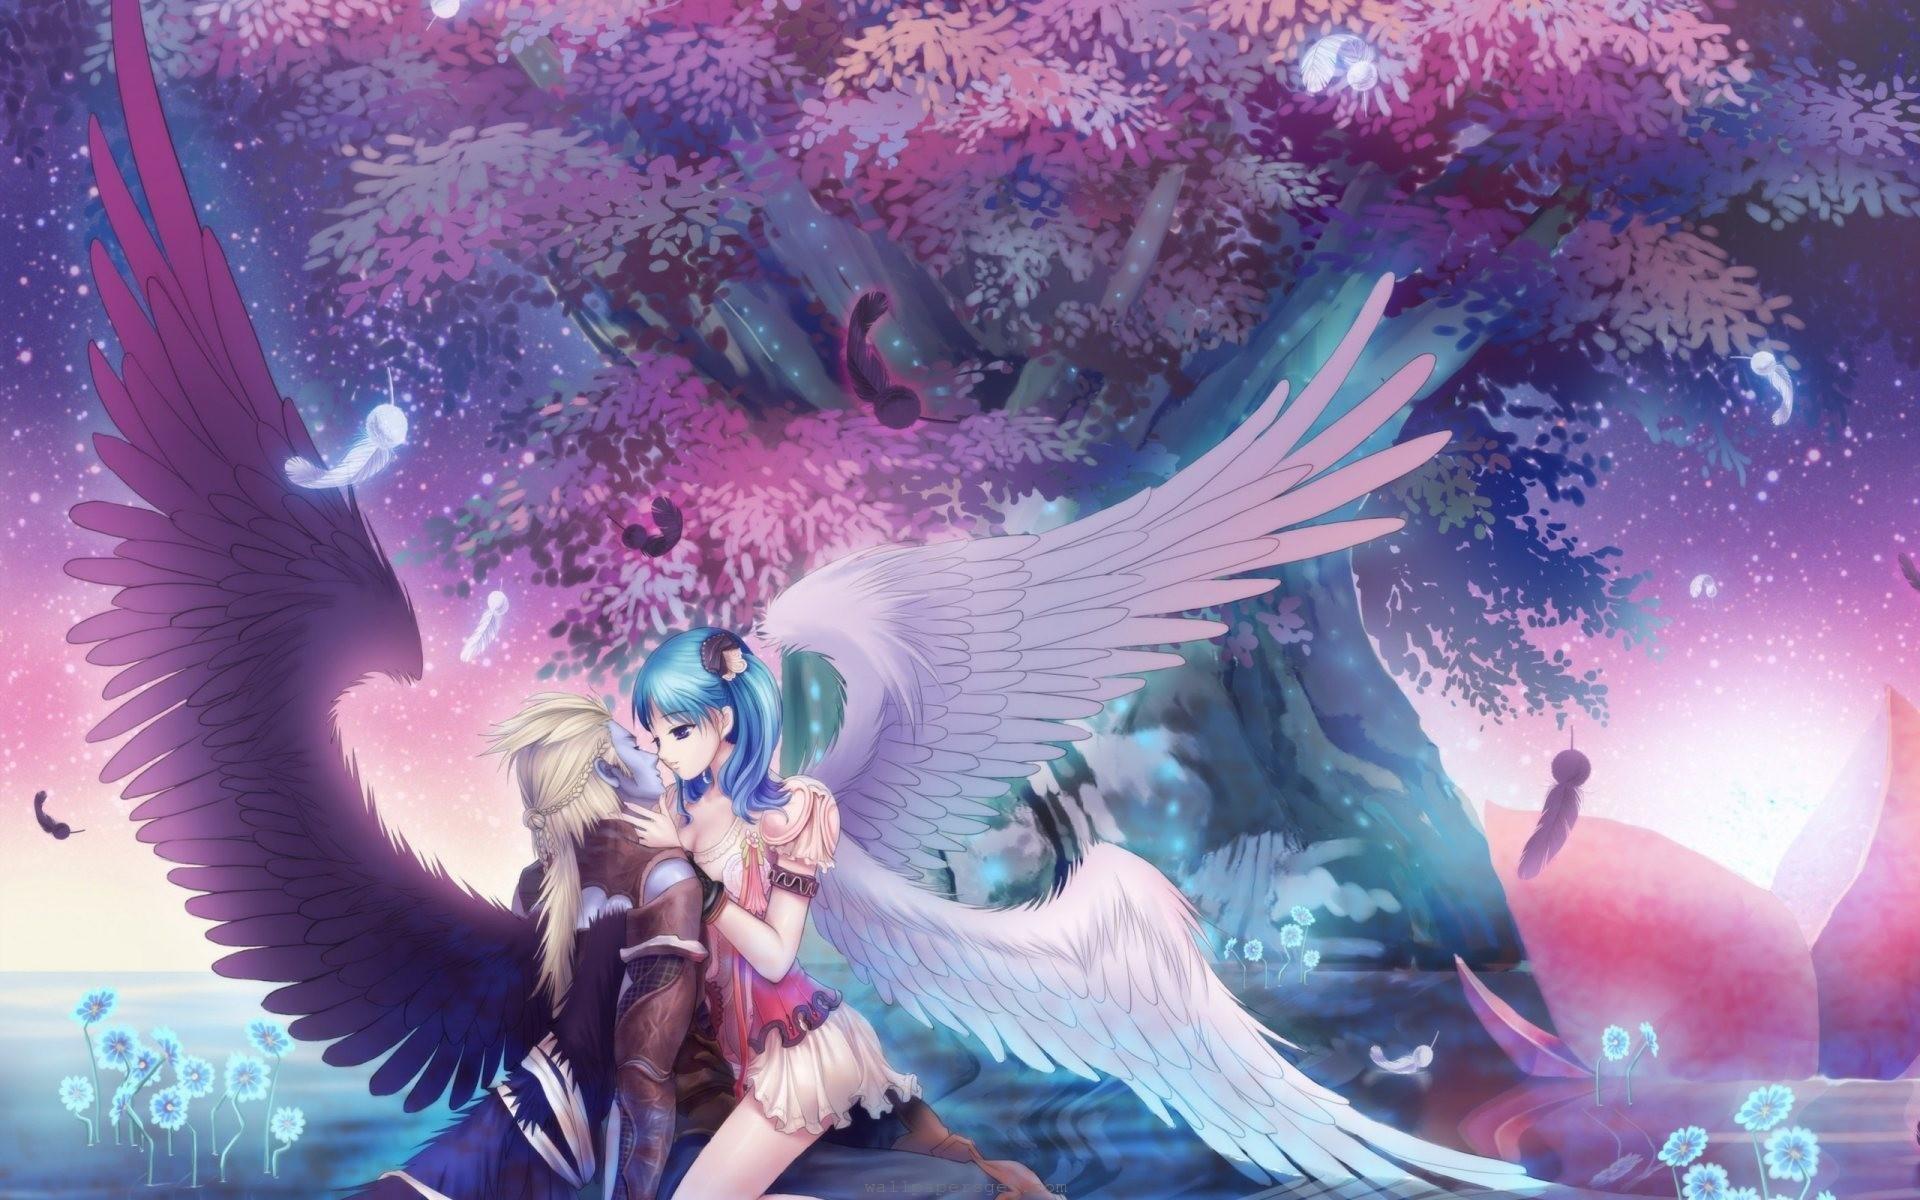 Anime angel and demon   Demons  2019-05-02